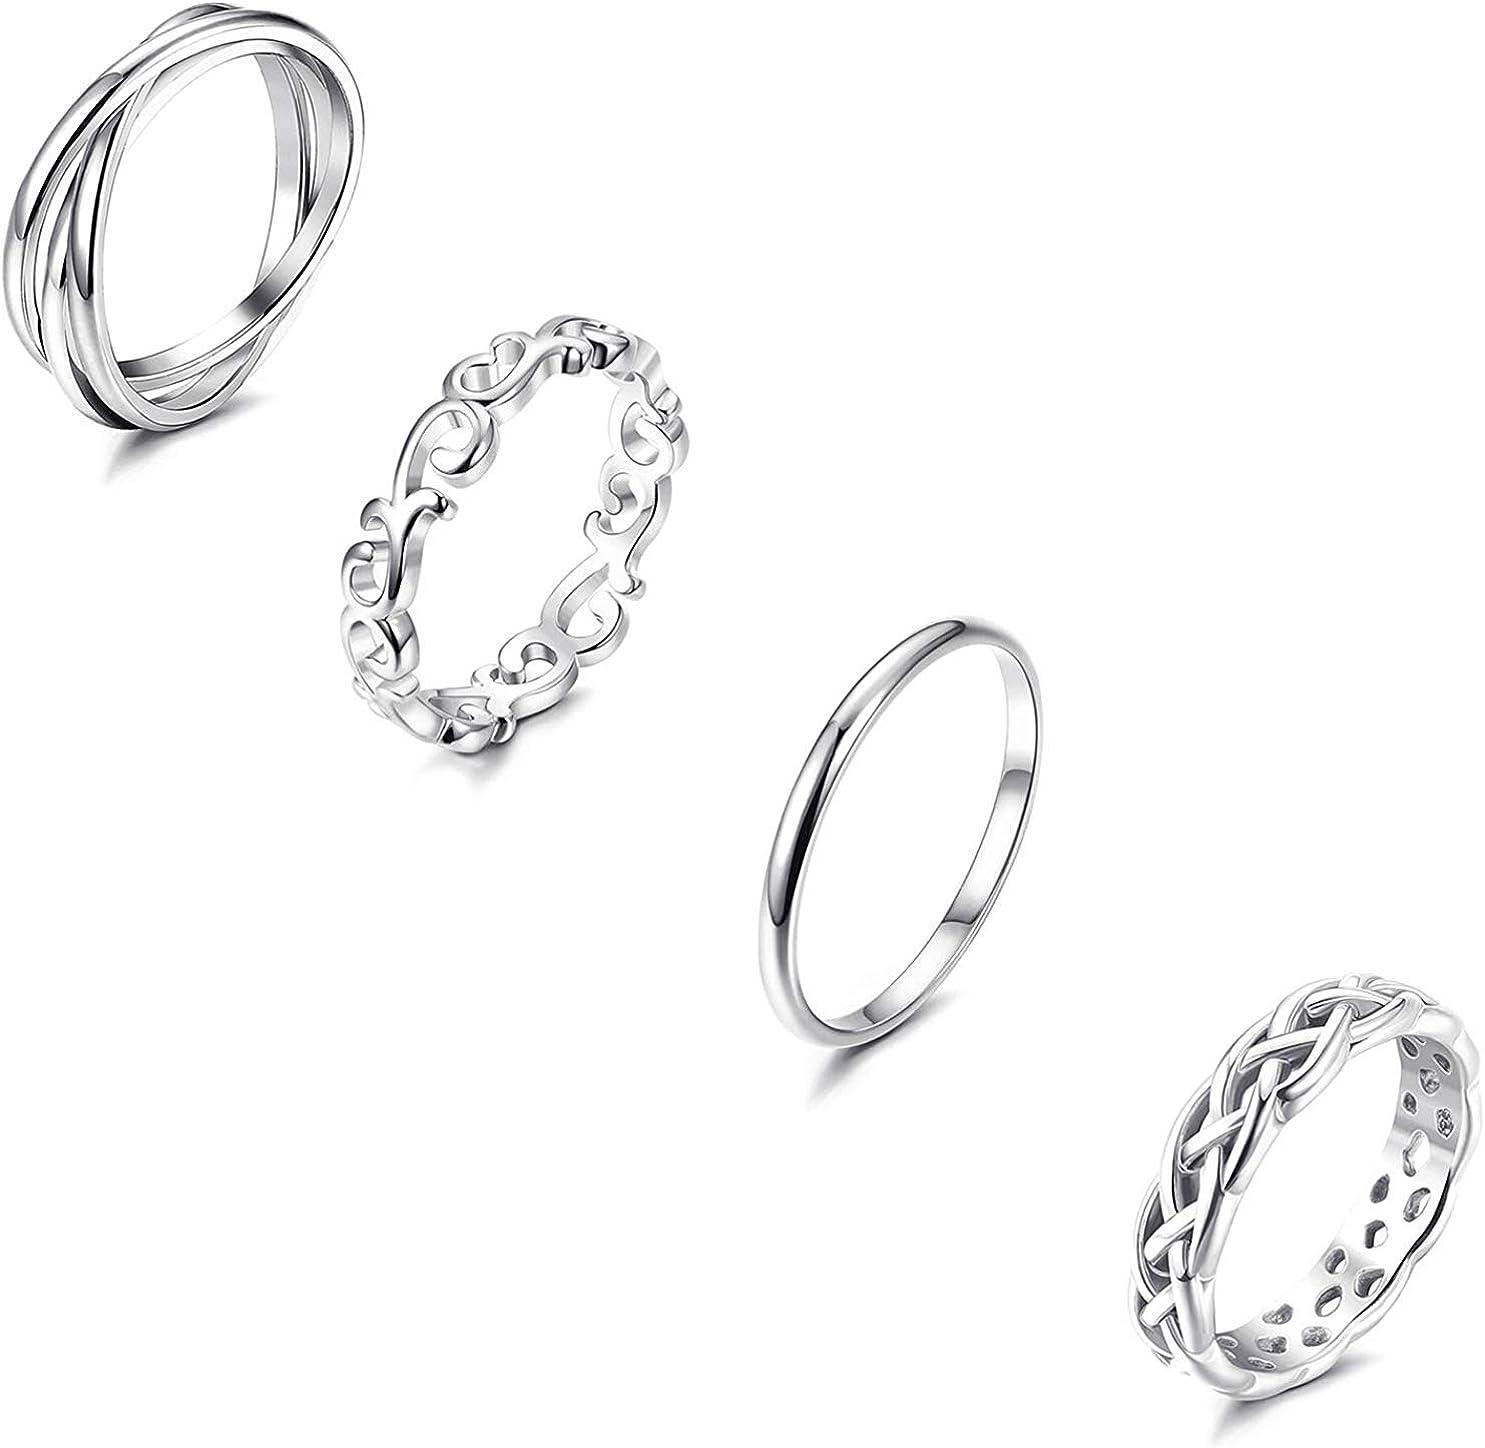 YADOCA 4 Pcs Anneaux en Acier Inoxydable pour Les Femmes Filles Wave Bague Fian/çailles /Éternit/é Knuckle Bague de Aillance Mariage Anniversaire Taille 47-67#